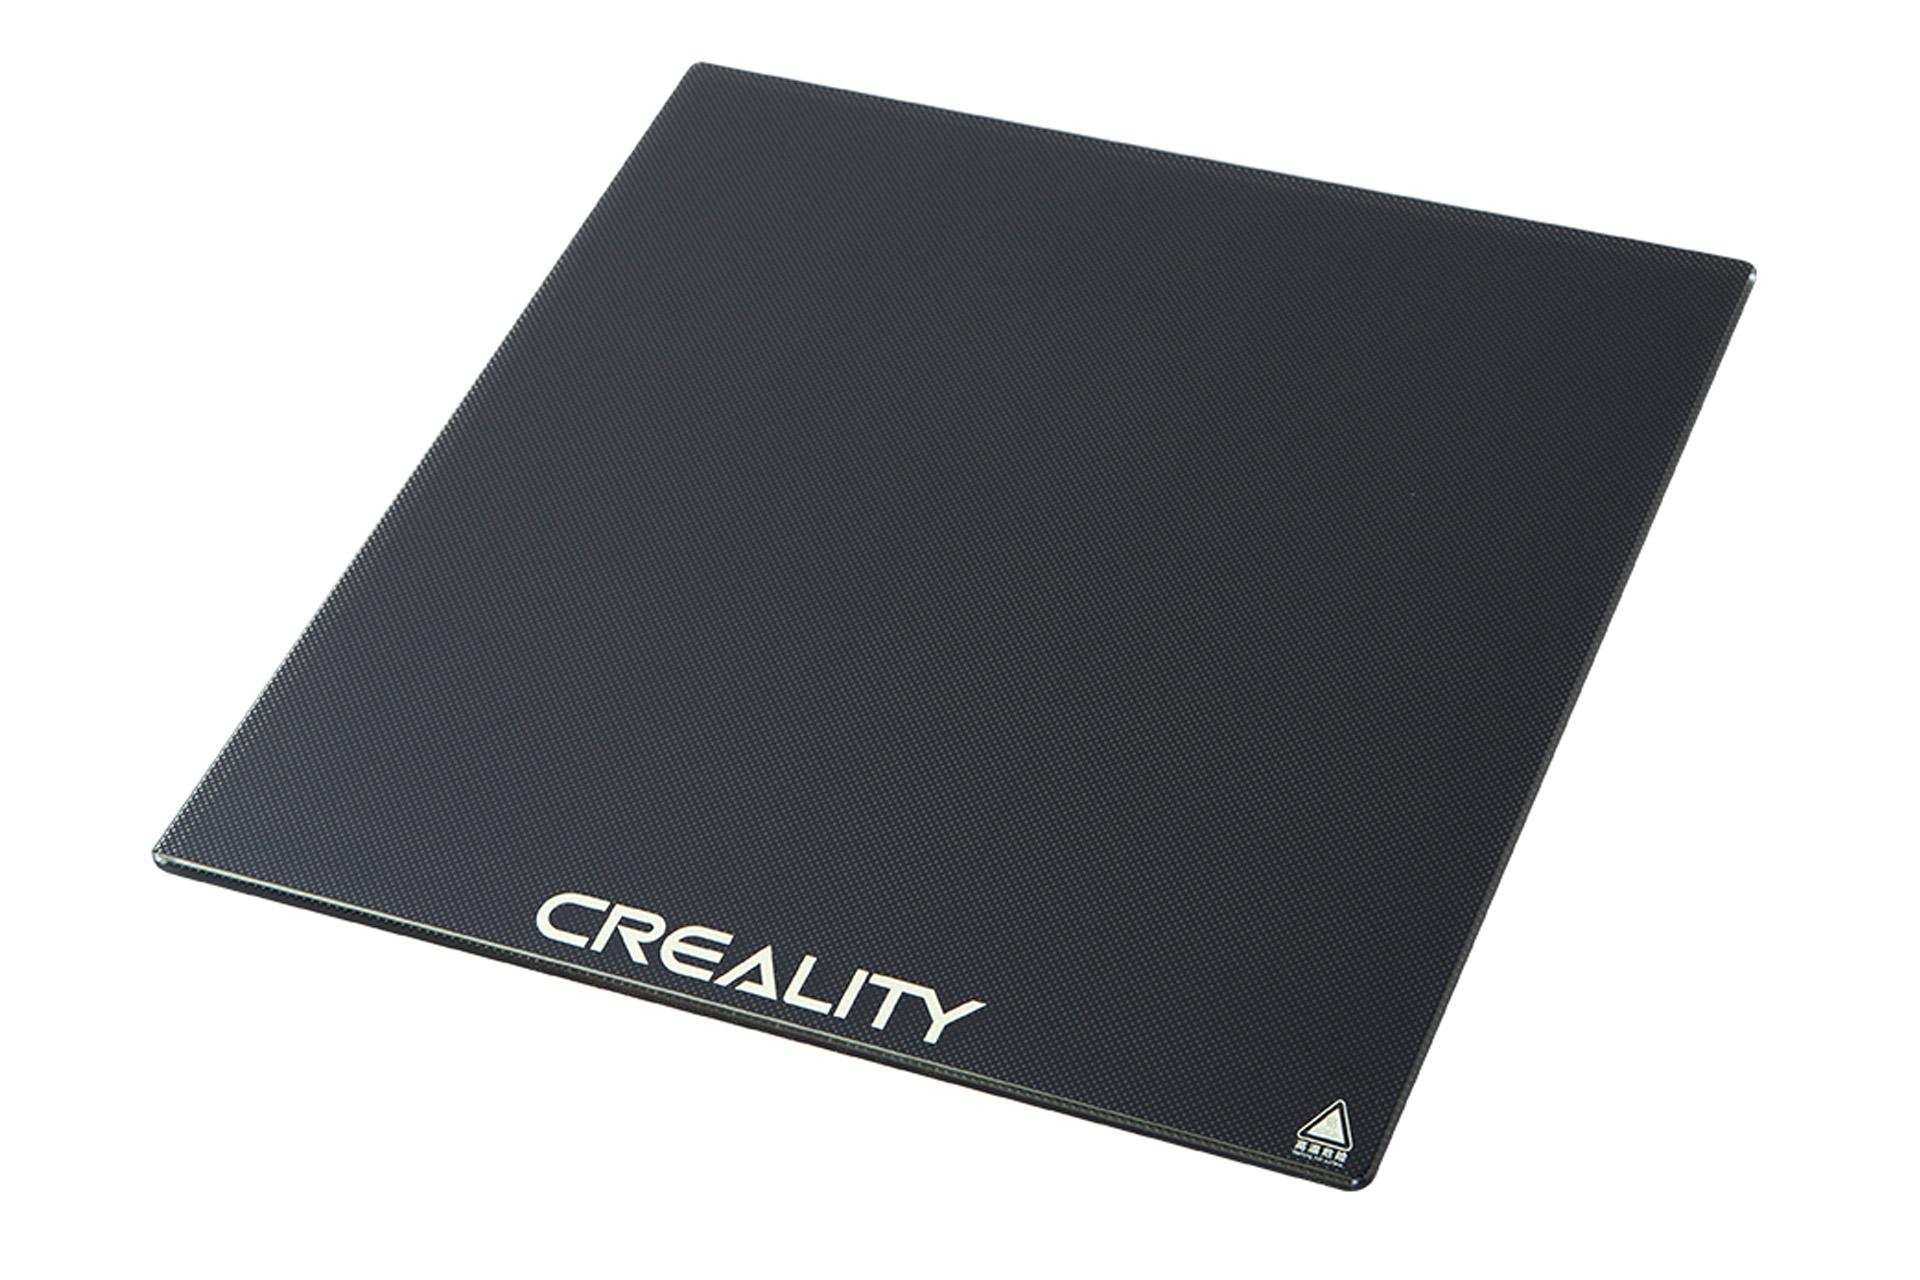 Карбоновое стекло Creality 377 x 370 мм купить киев харьков днепр одесса запорожье львов 1